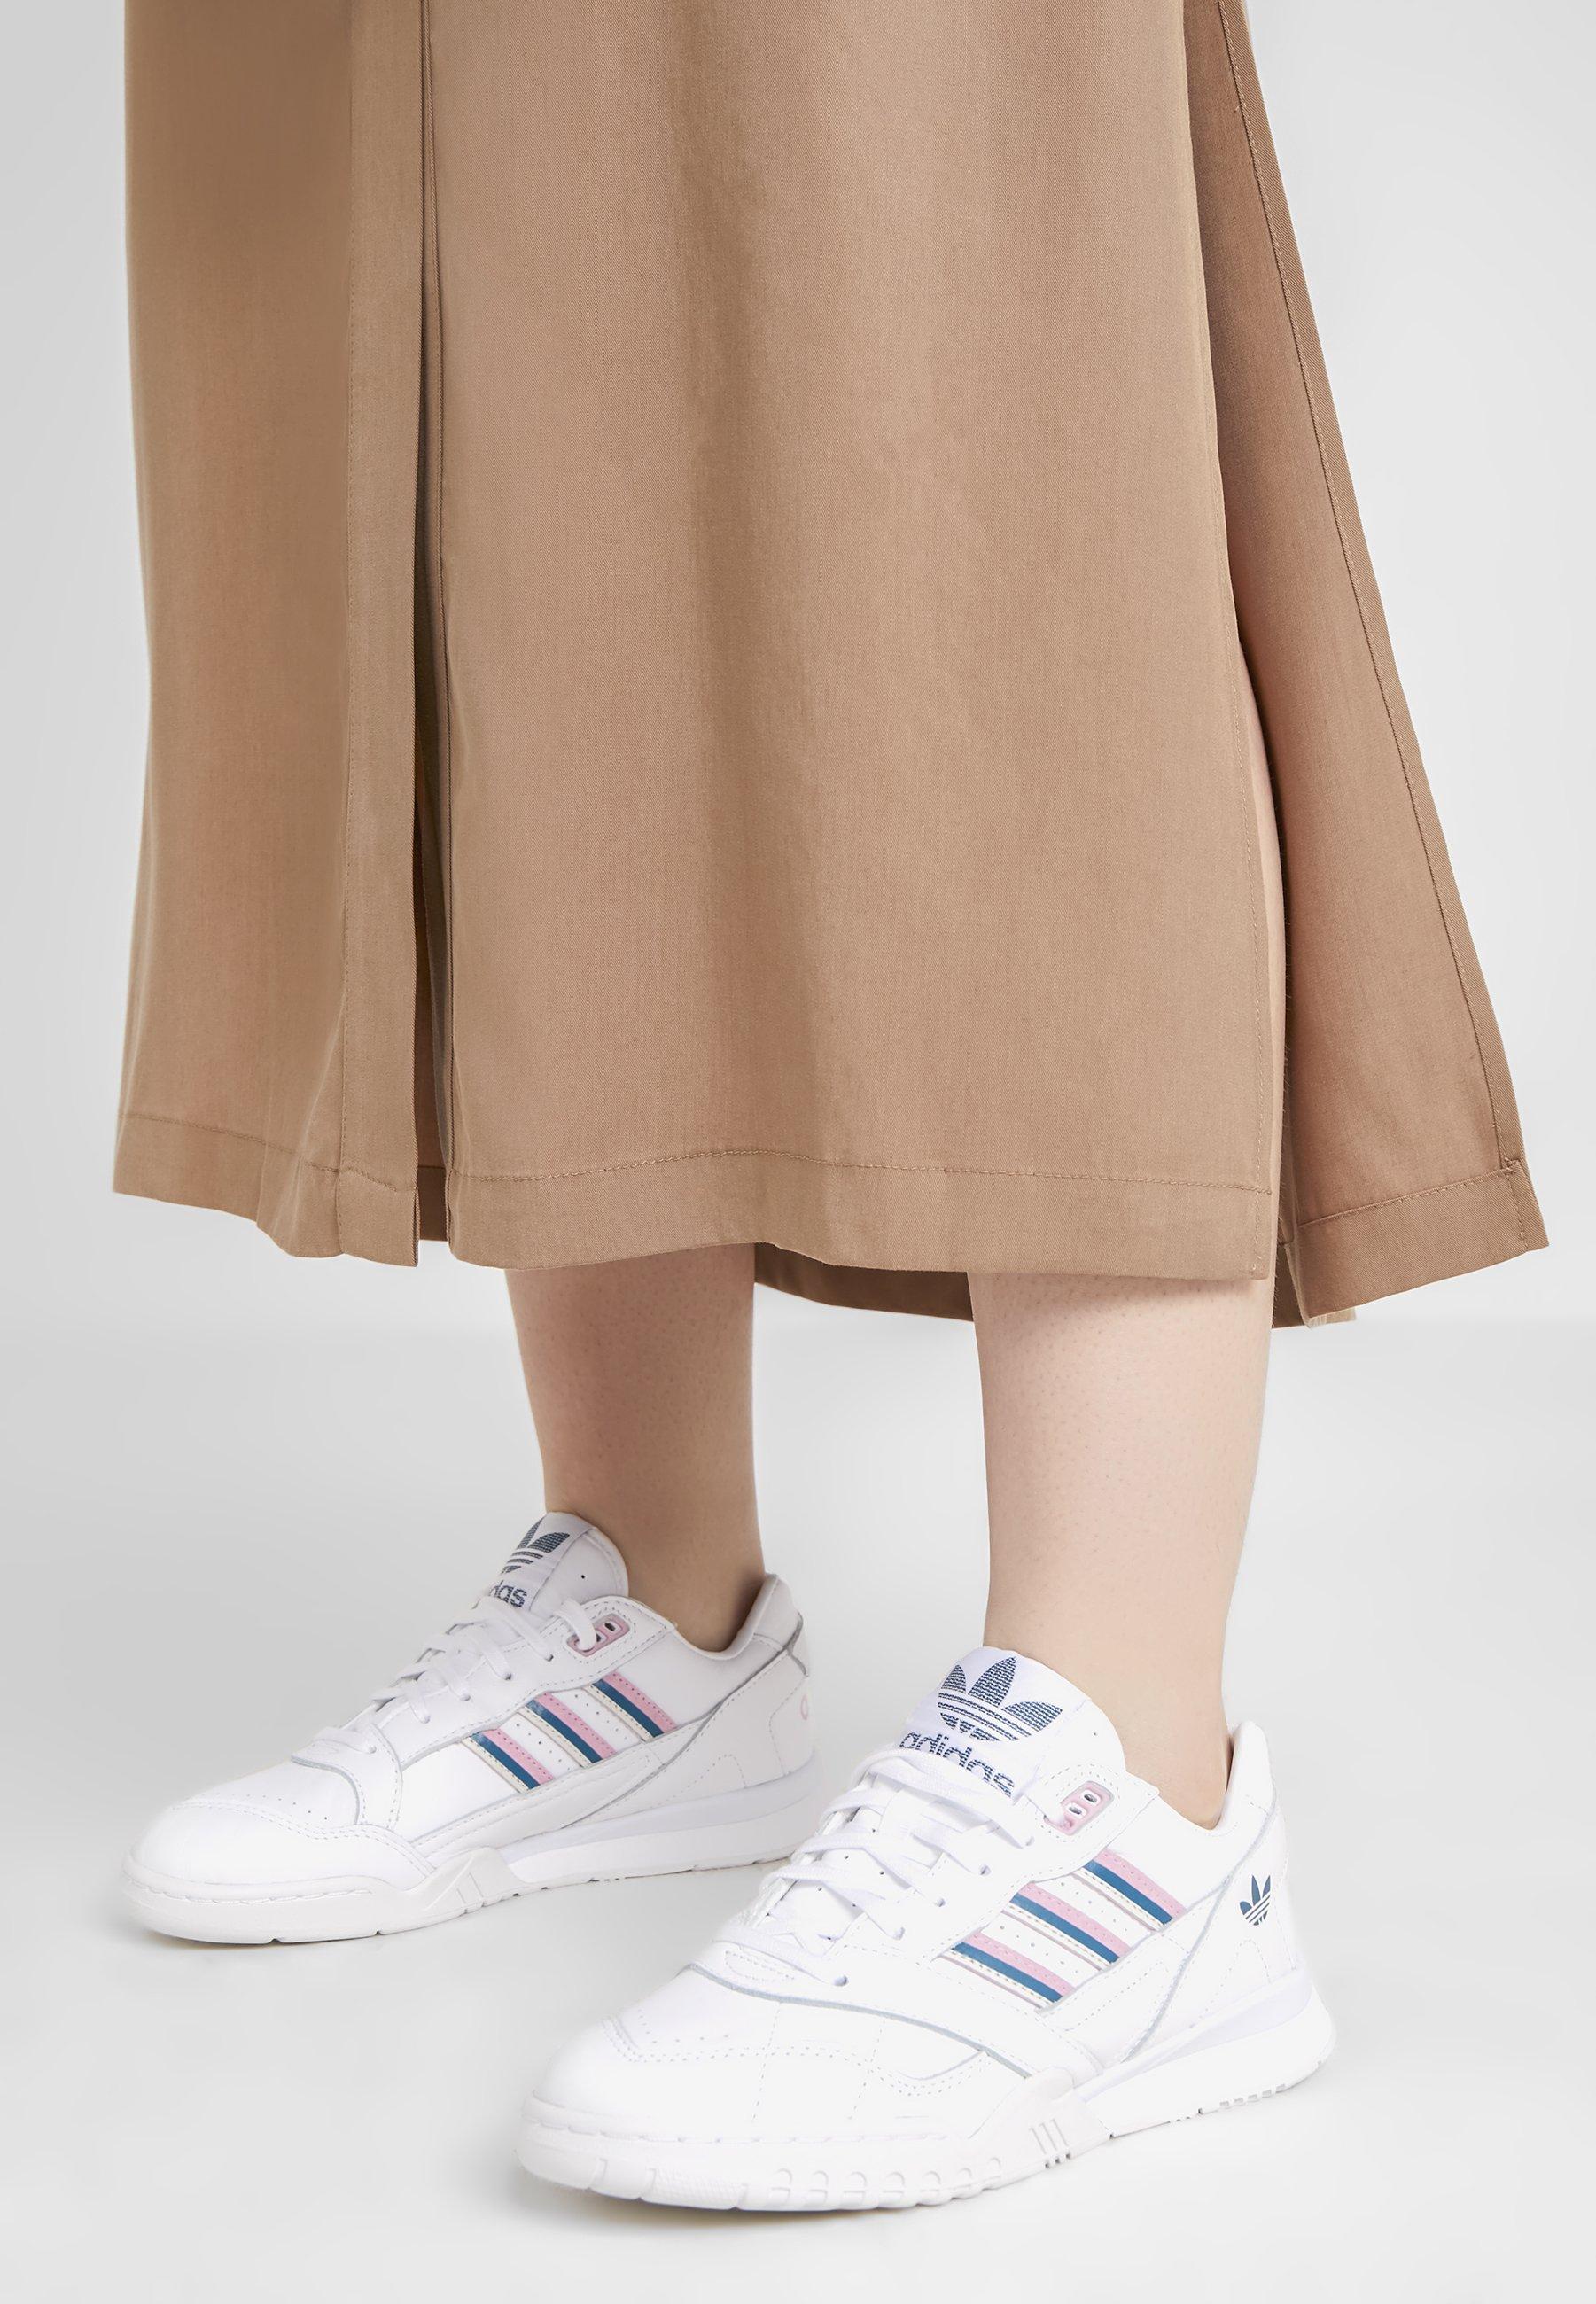 A.R. TRAINER Sneaker low footwear whitetrue pinktech mint